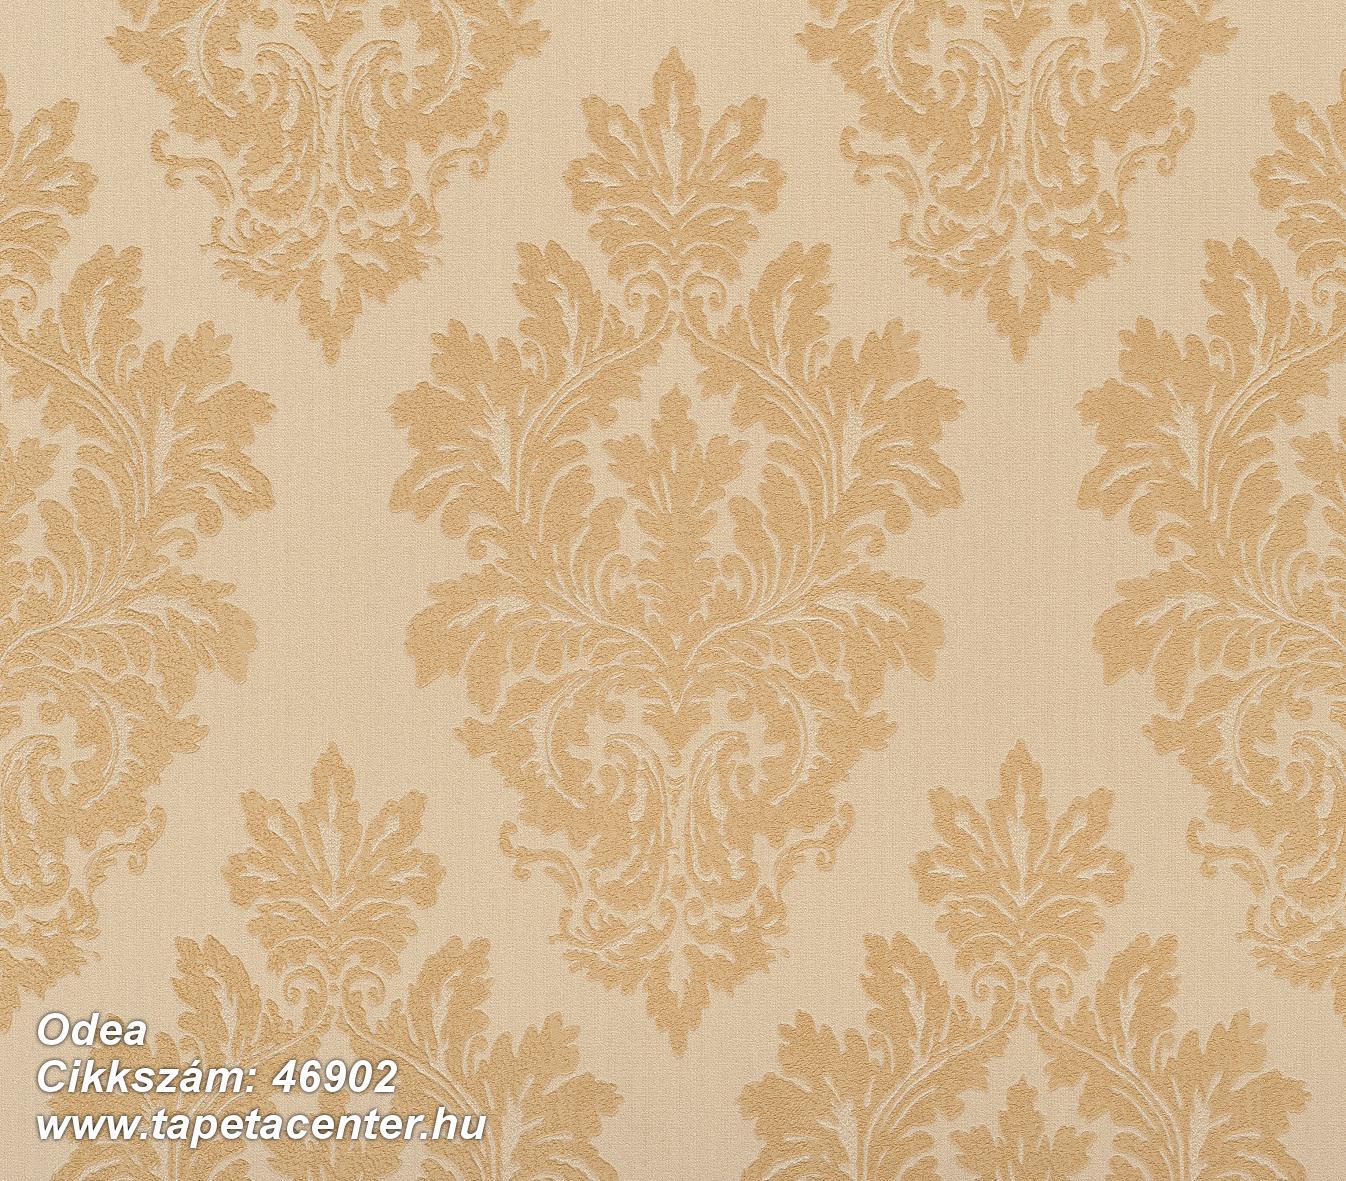 Odea - 46902 Olasz tapéta